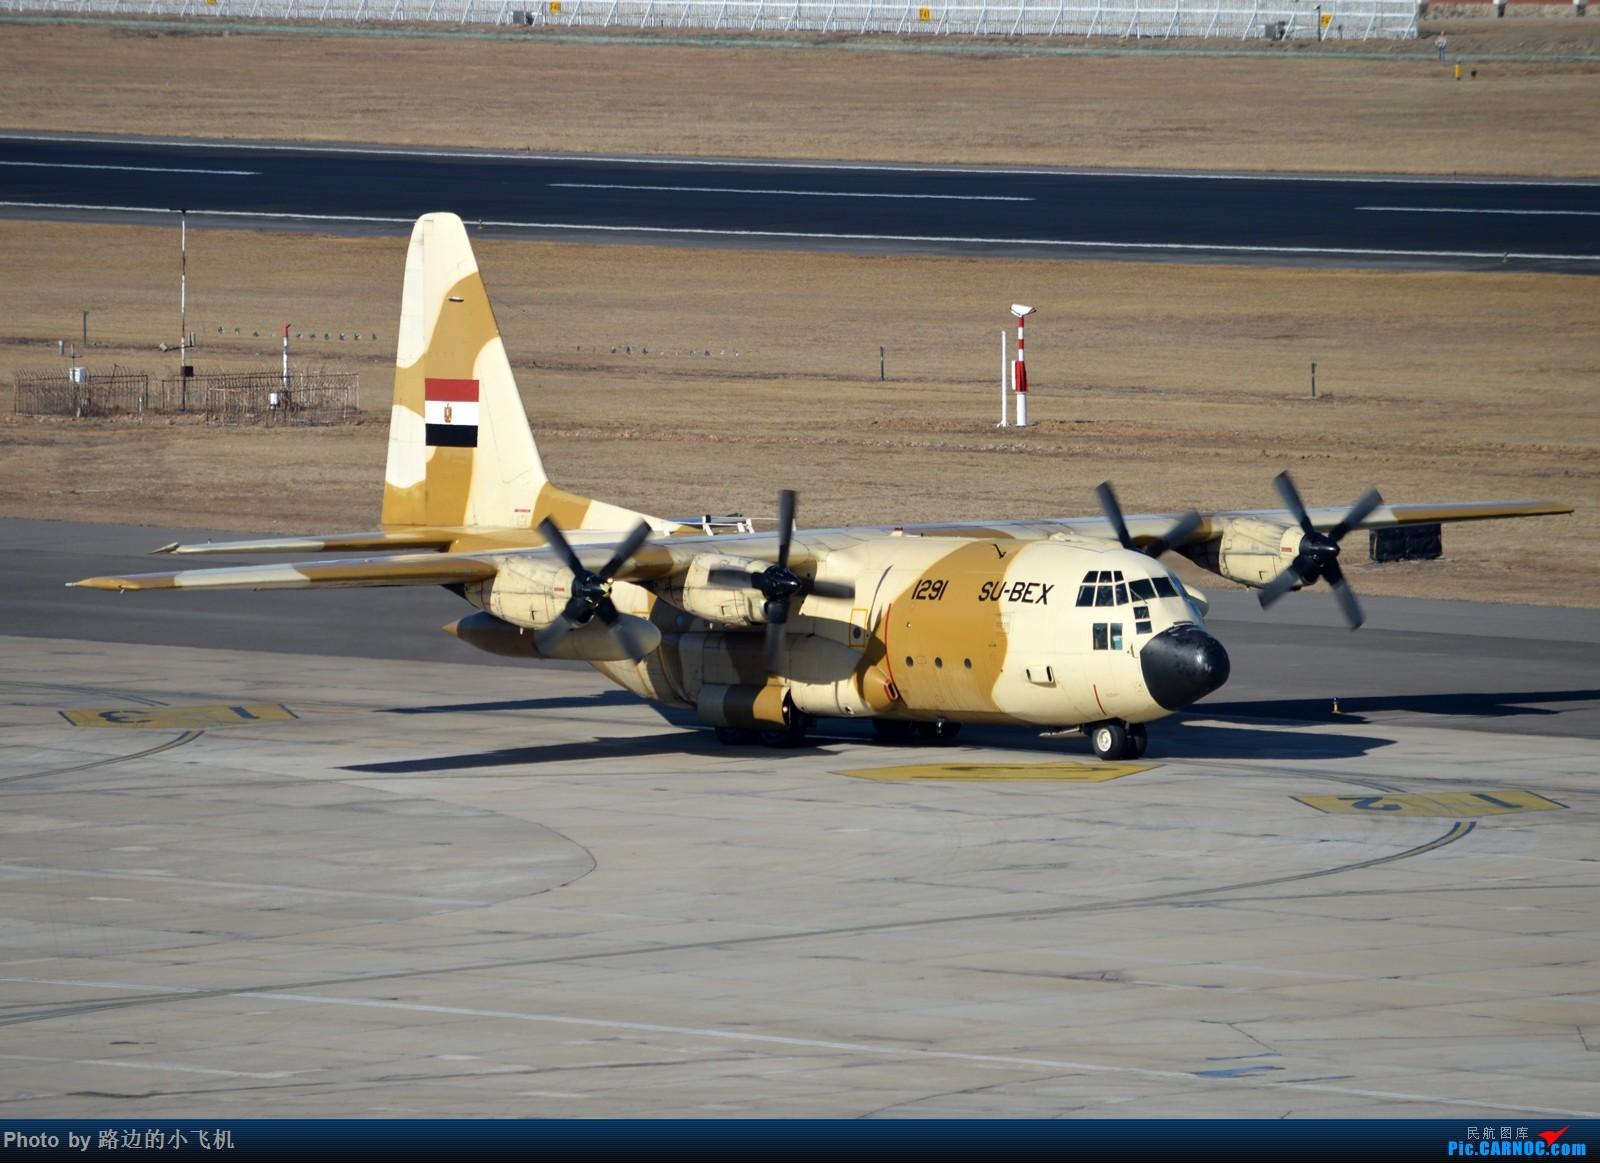 Re:[原创]【DLC】个人向一二月不定期拍机集锦 C-130 SU-BEX